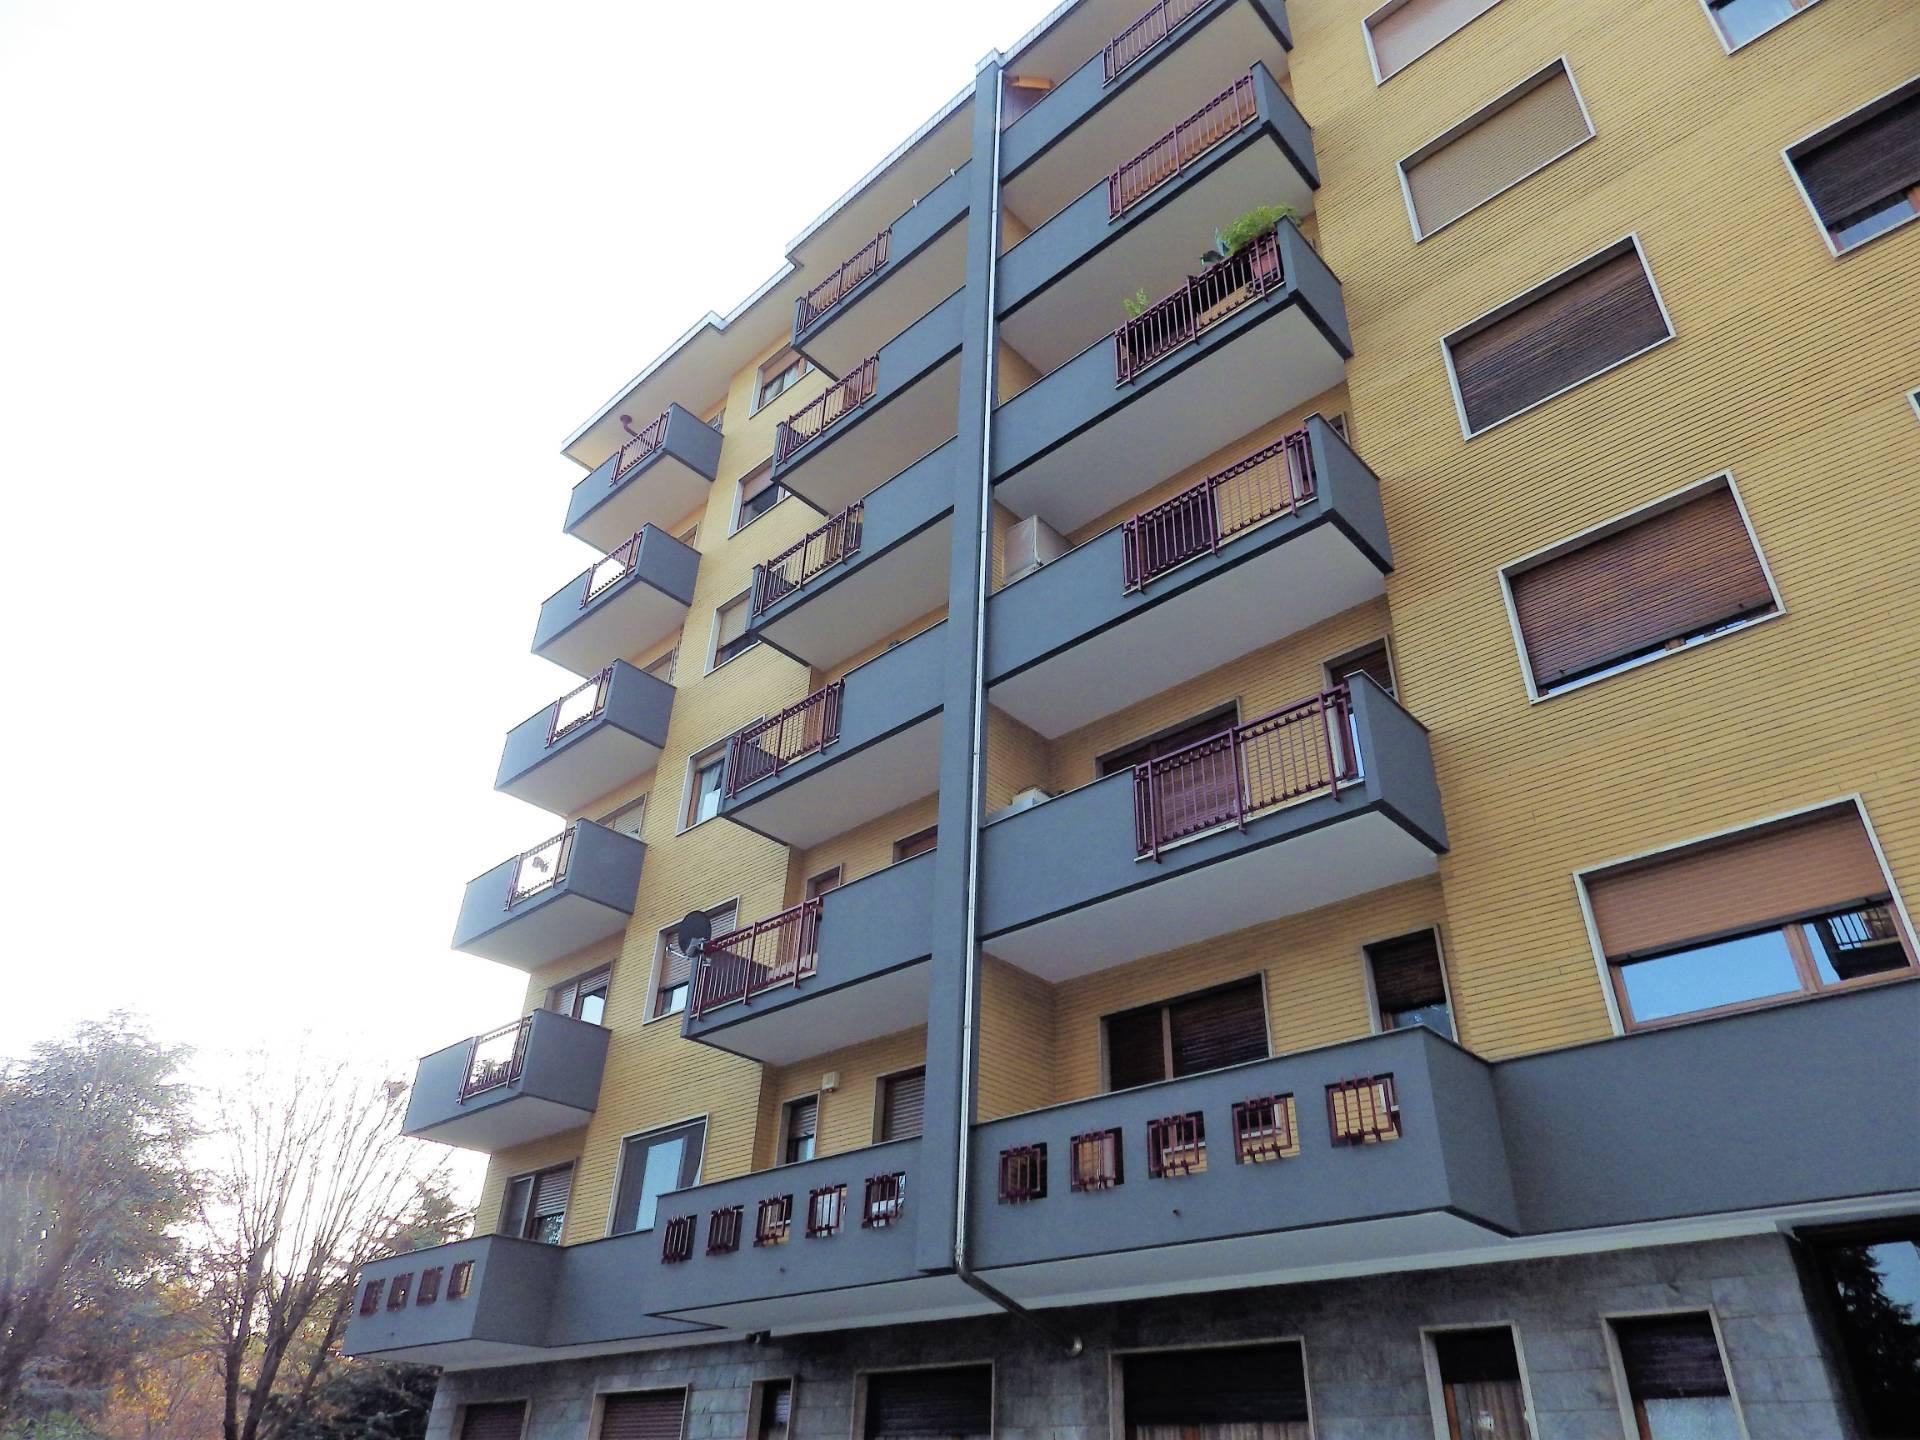 Appartamento in vendita a Collegno, 5 locali, zona Località: Centro-S.aMaria, prezzo € 248.000   CambioCasa.it